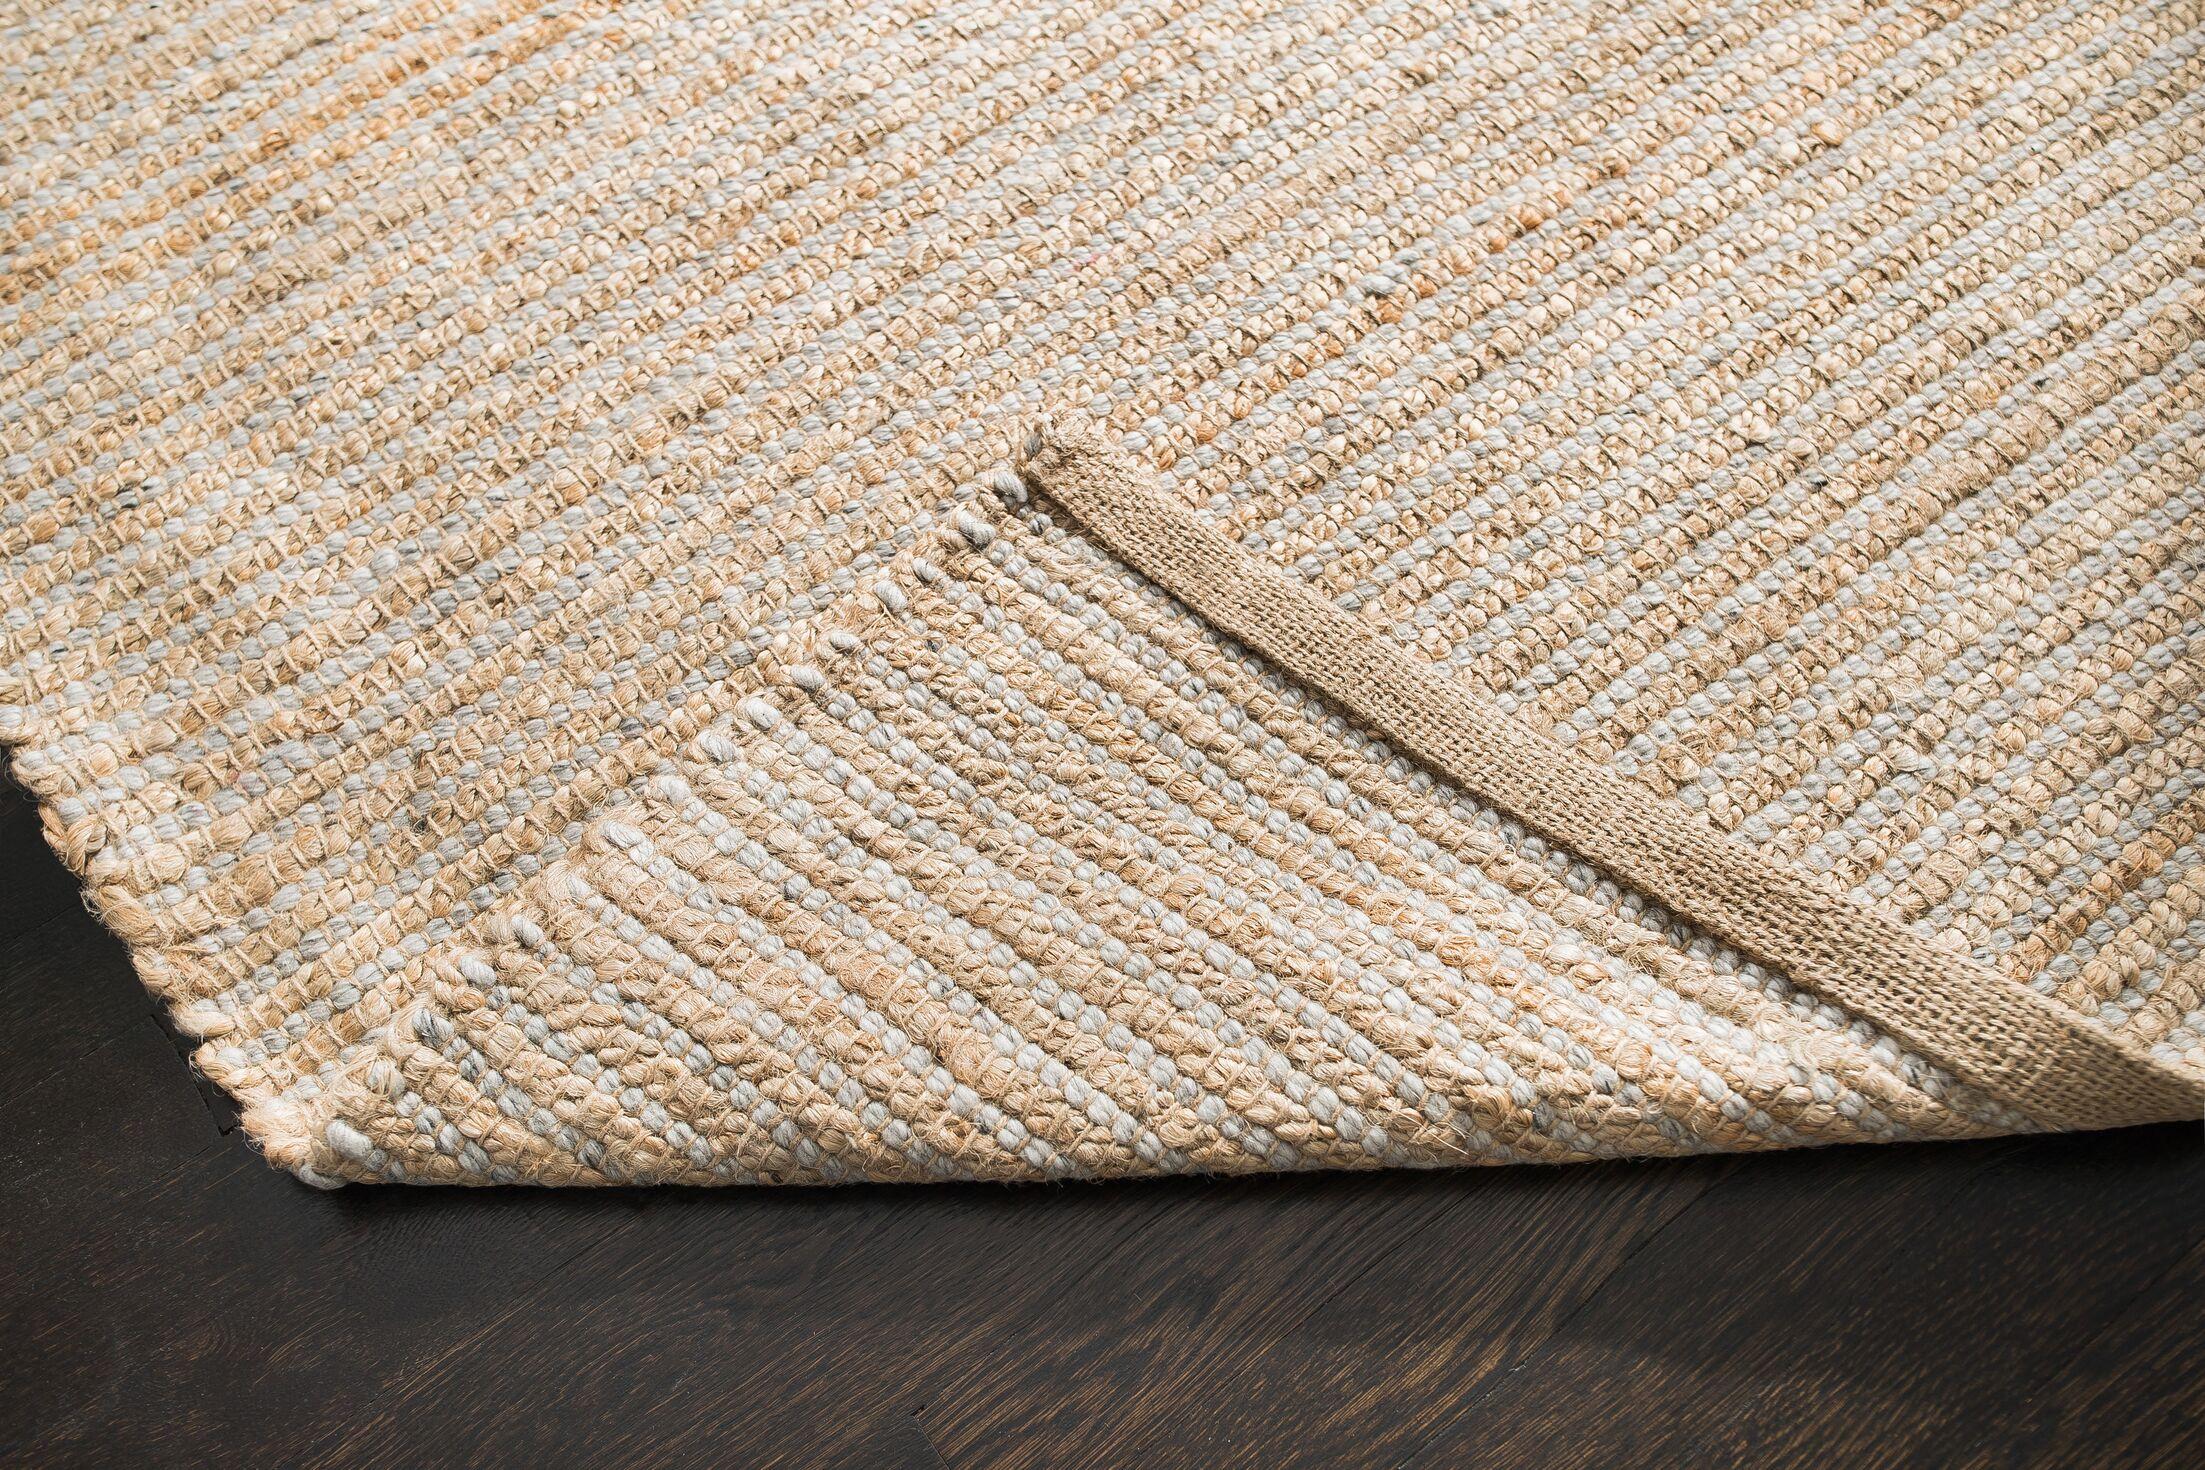 Morton Hand-Woven Gray/Tan Area Rug Rug Size: 5' x 8'